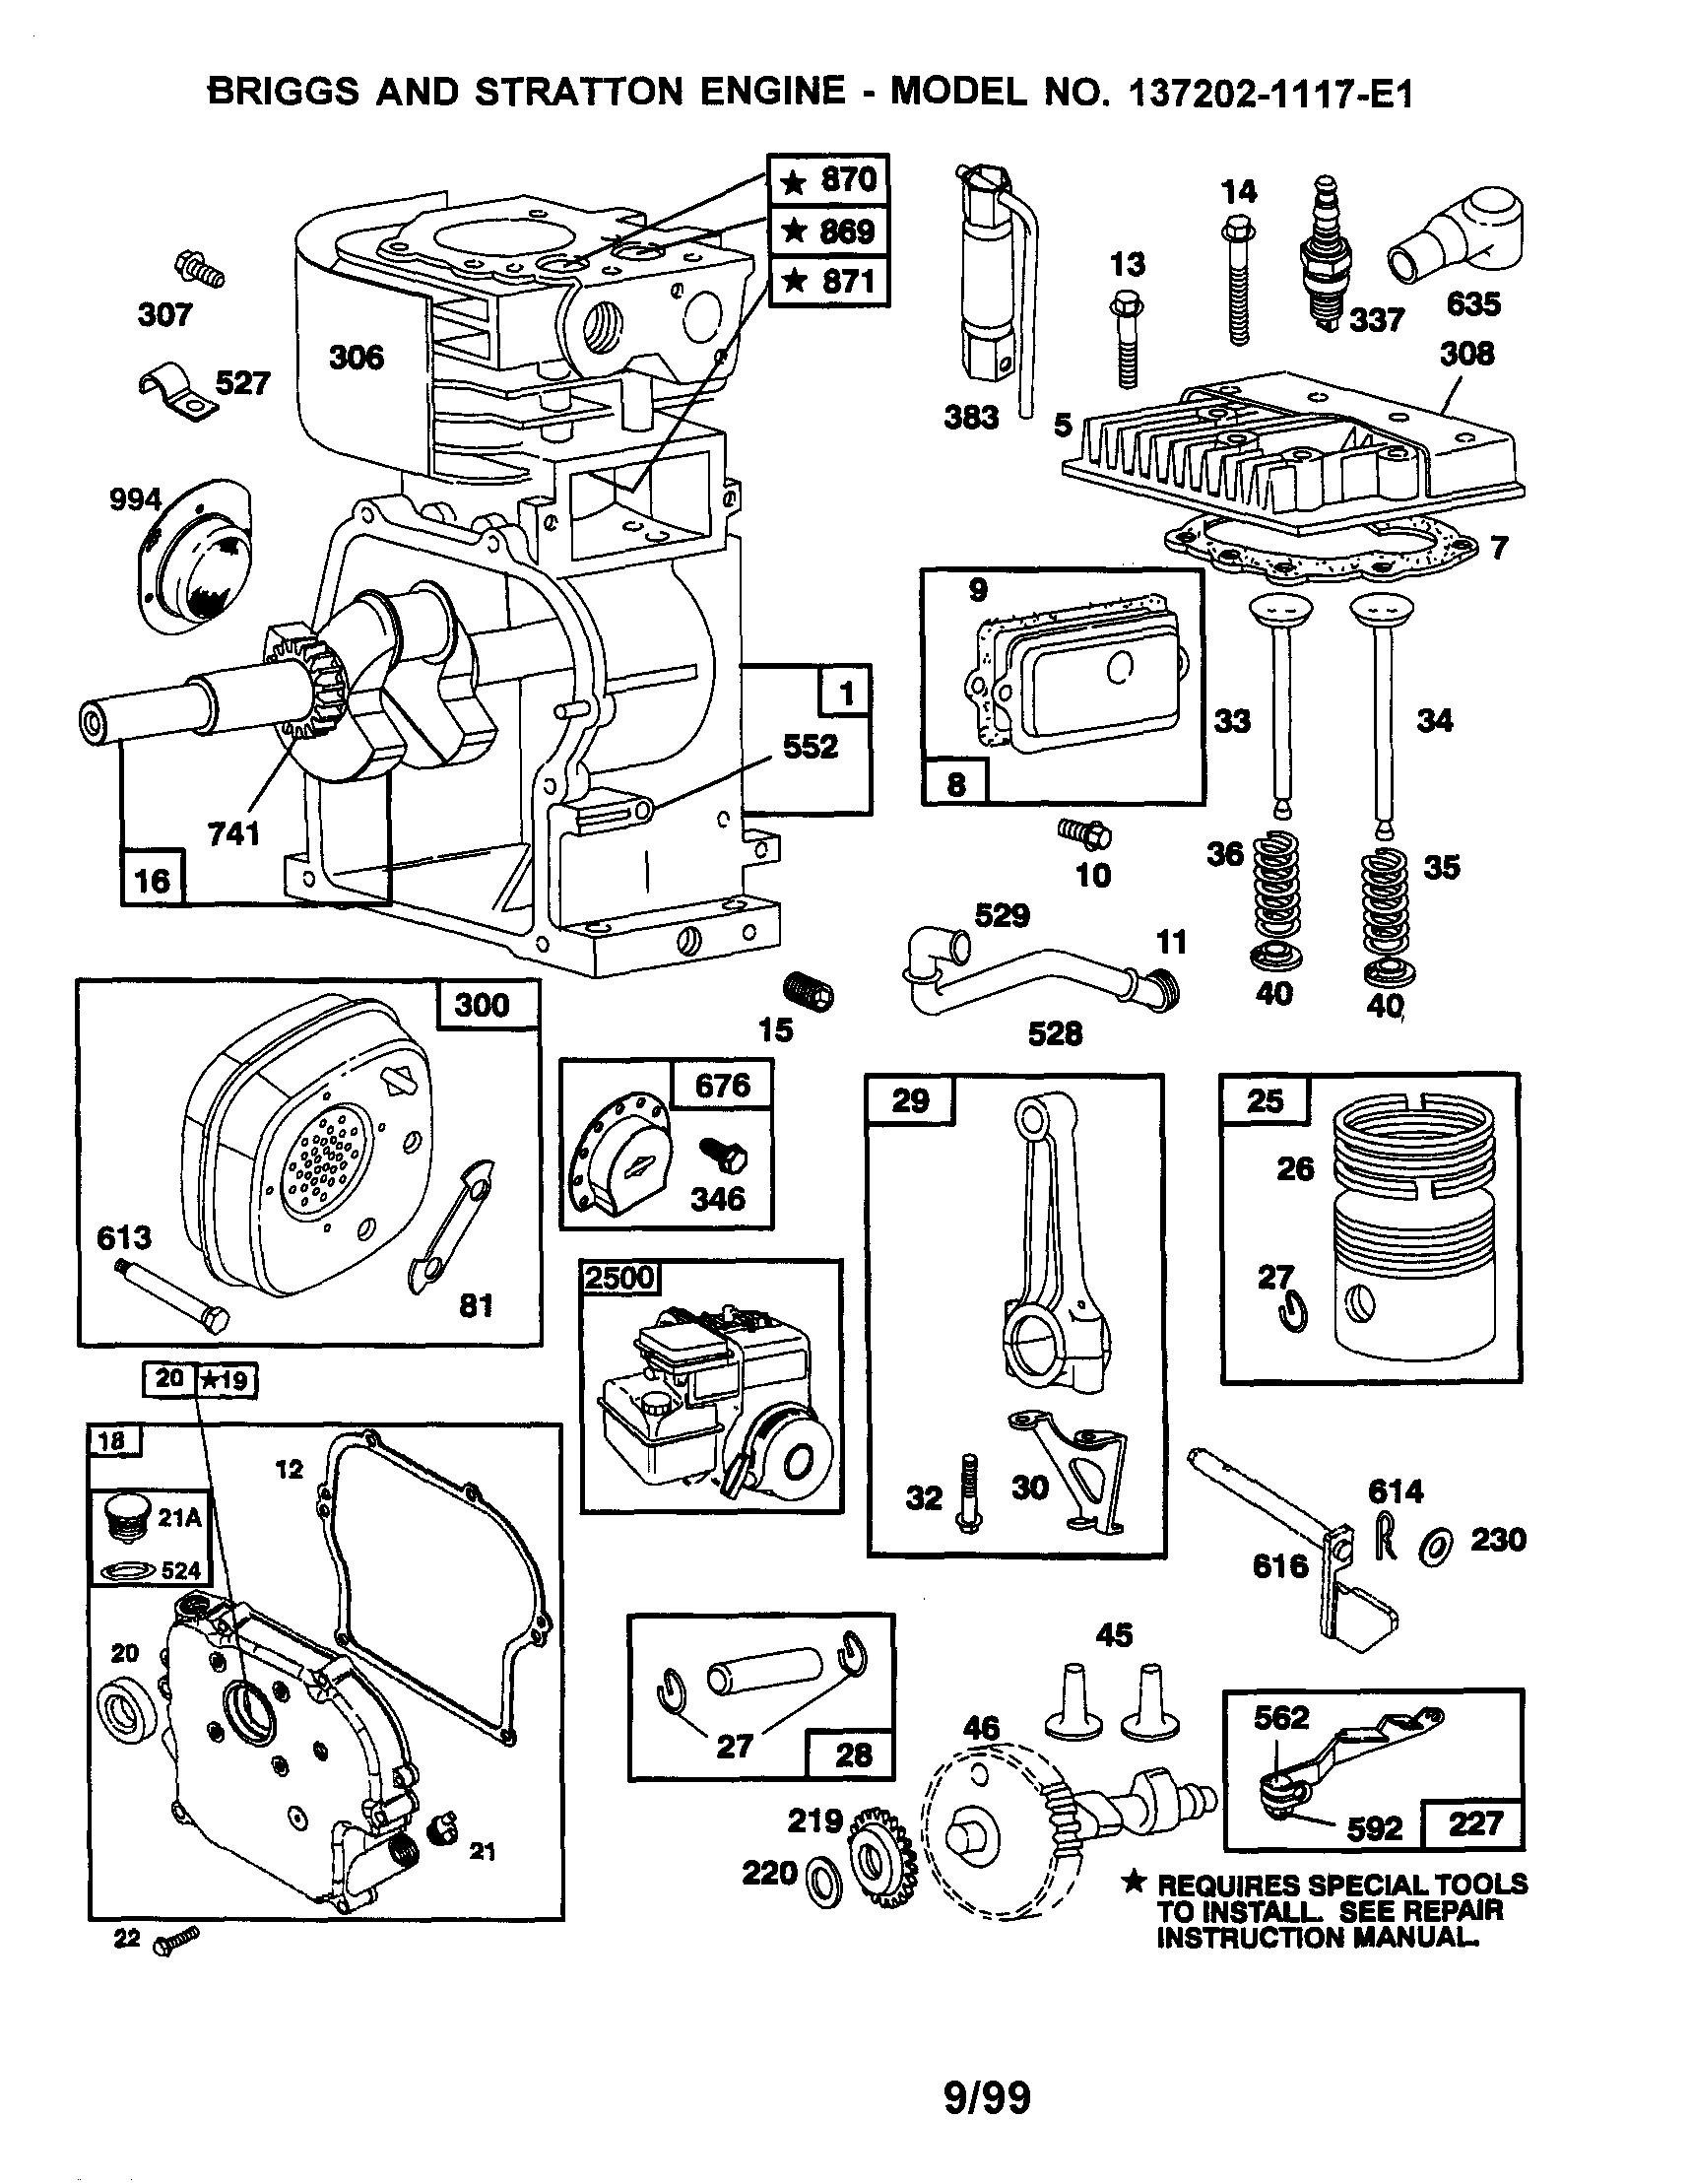 Briggs Stratton Engine Parts and Diagrams 2 Briggs Stratton Parts Diagram Magnificent Briggs and Stratton Engine Of Briggs Stratton Engine Parts and Diagrams 2